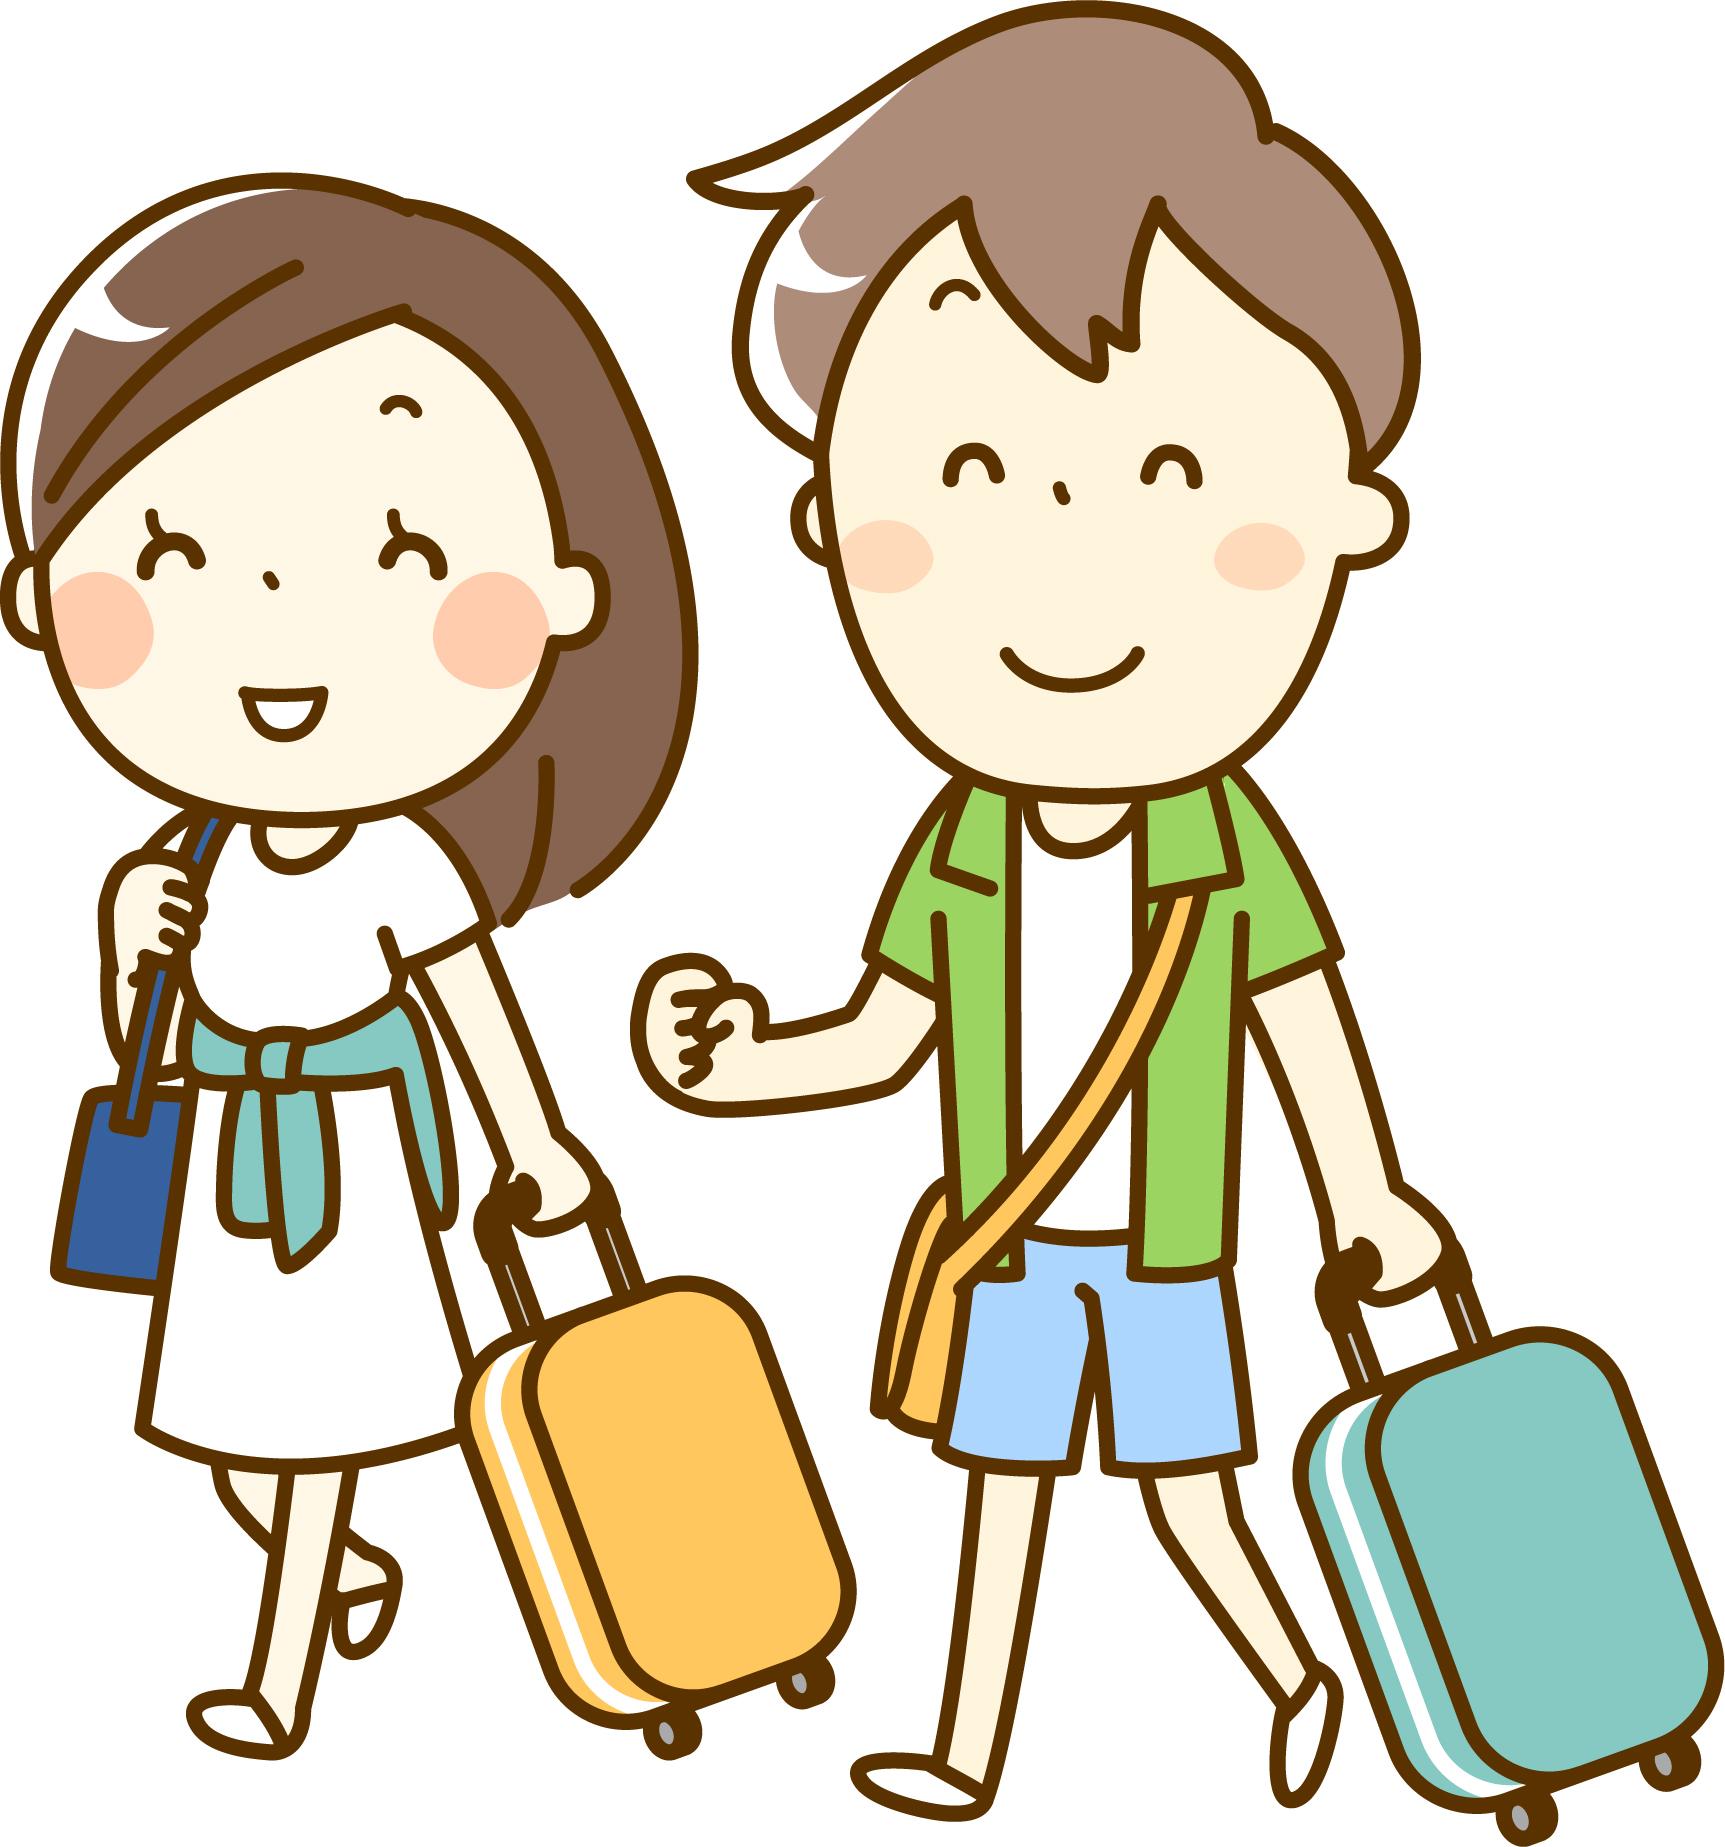 【ヒルナンデス!】旅行の裏技 – 国内ツアーでお得に帰省出来る!?